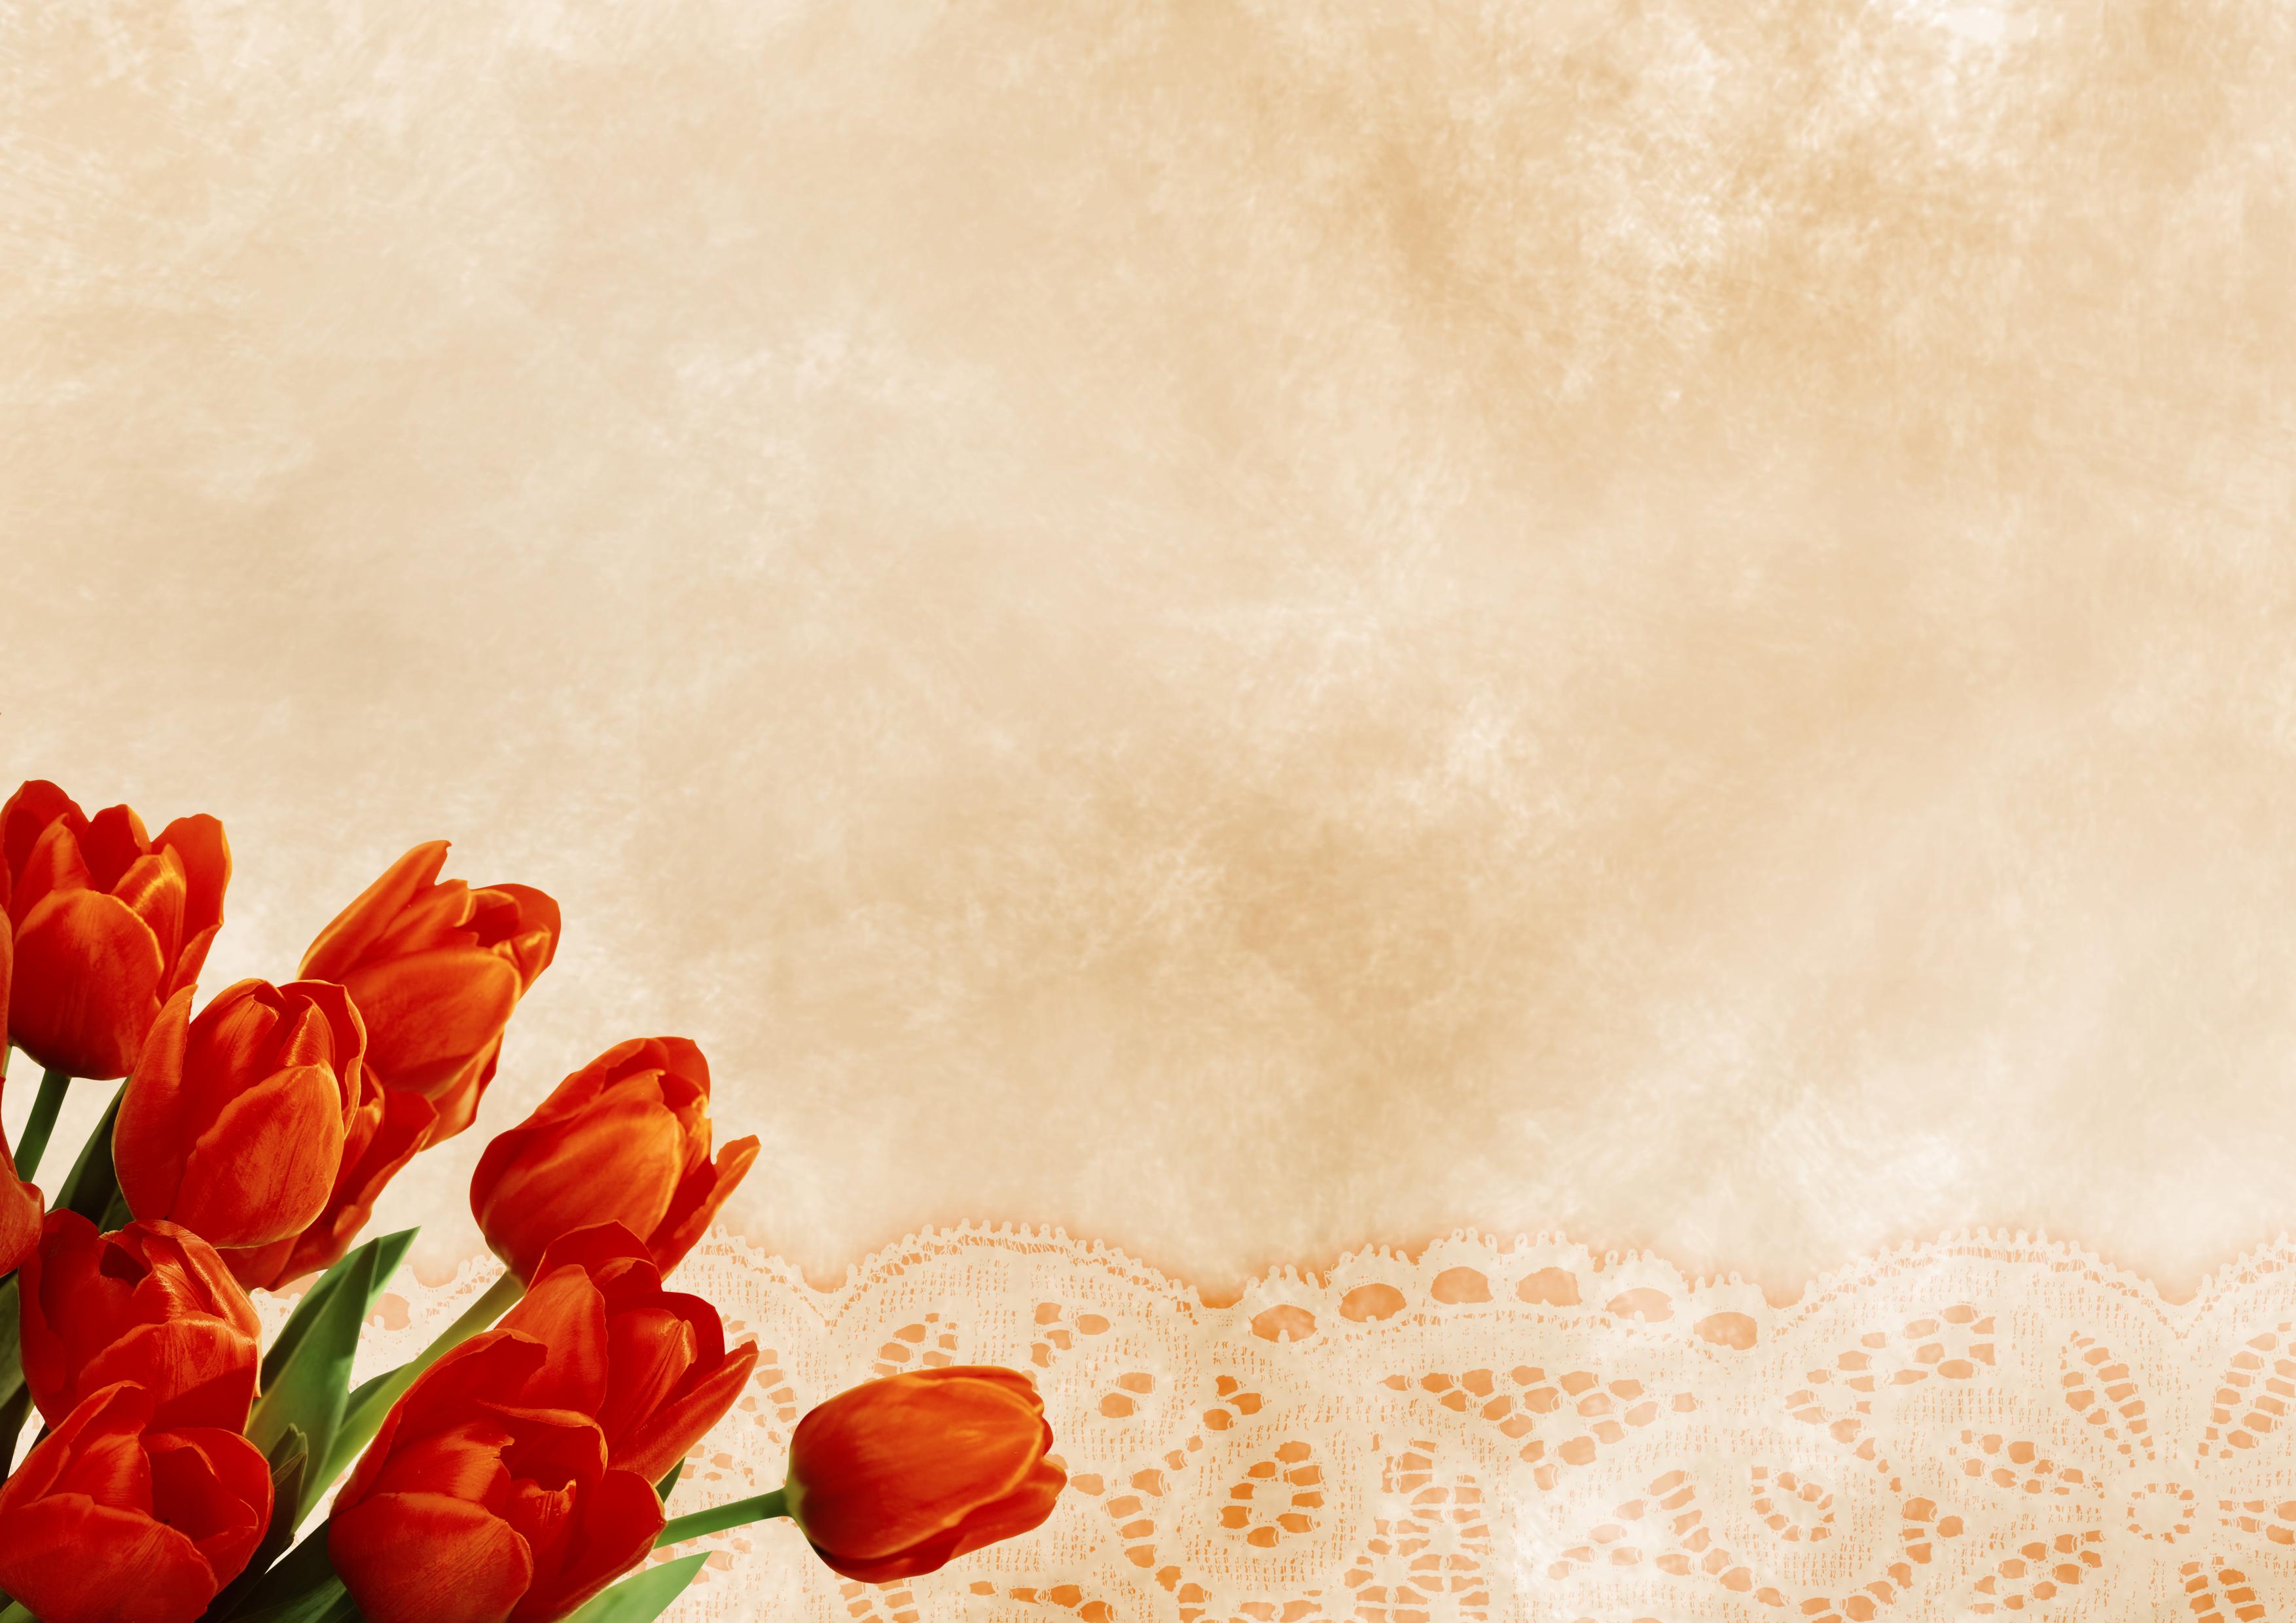 Kostenlose foto : Tulpen, Hintergrund, Muster, Blumen, Blumenstrauß ...